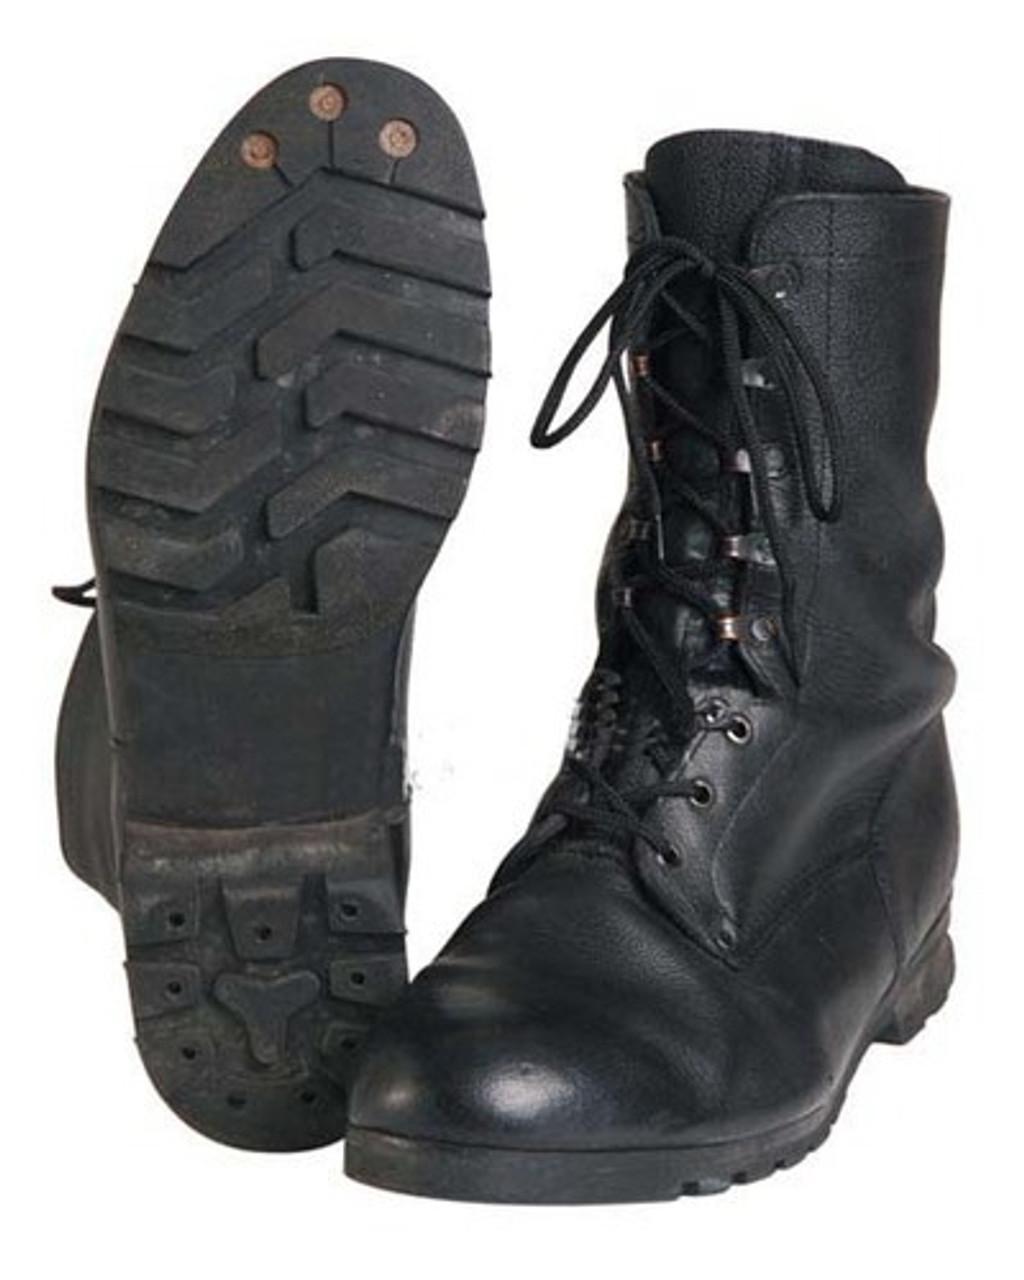 Czech M90 Black Combat Boots from Hessen Antique